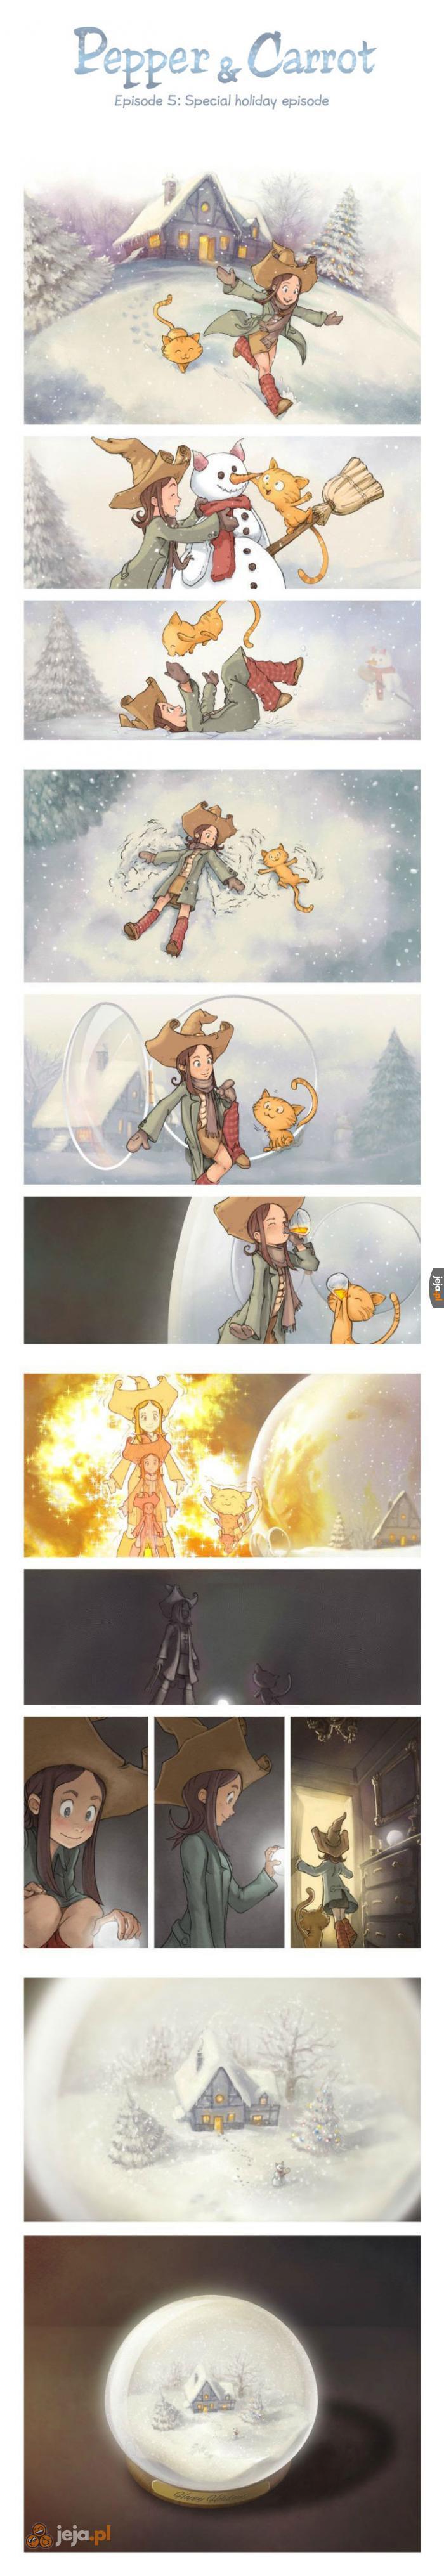 Świąteczny komiks o wiedźmie i jej kocie